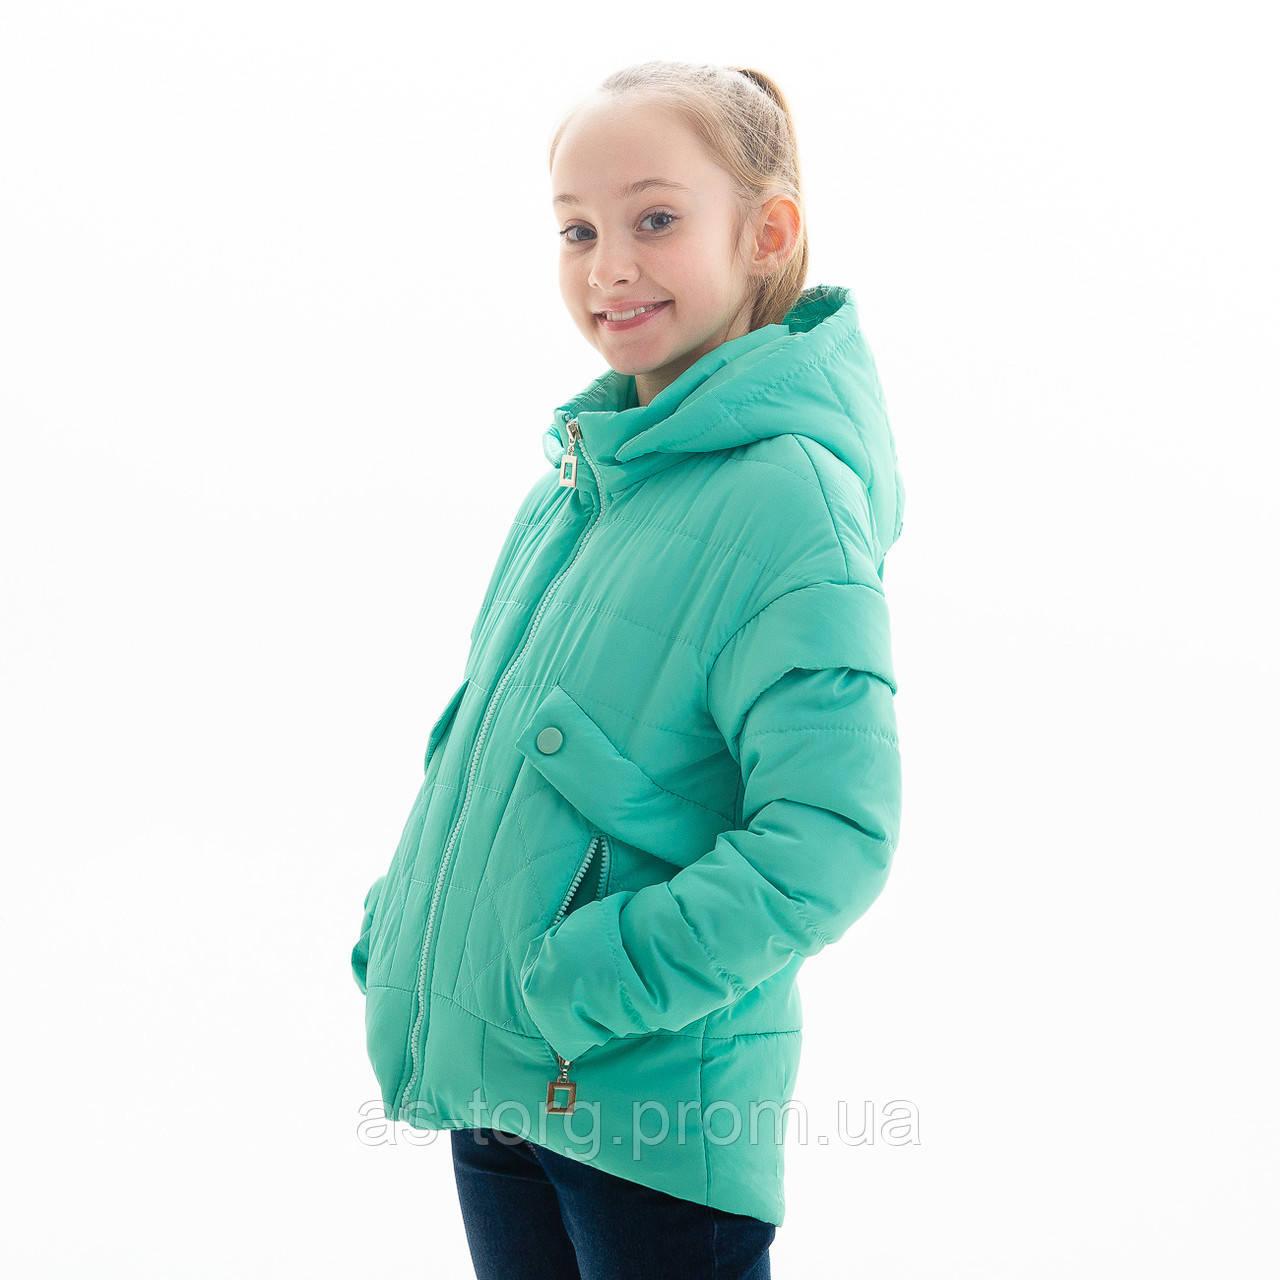 Куртка+жилет  для девочки «Амира»